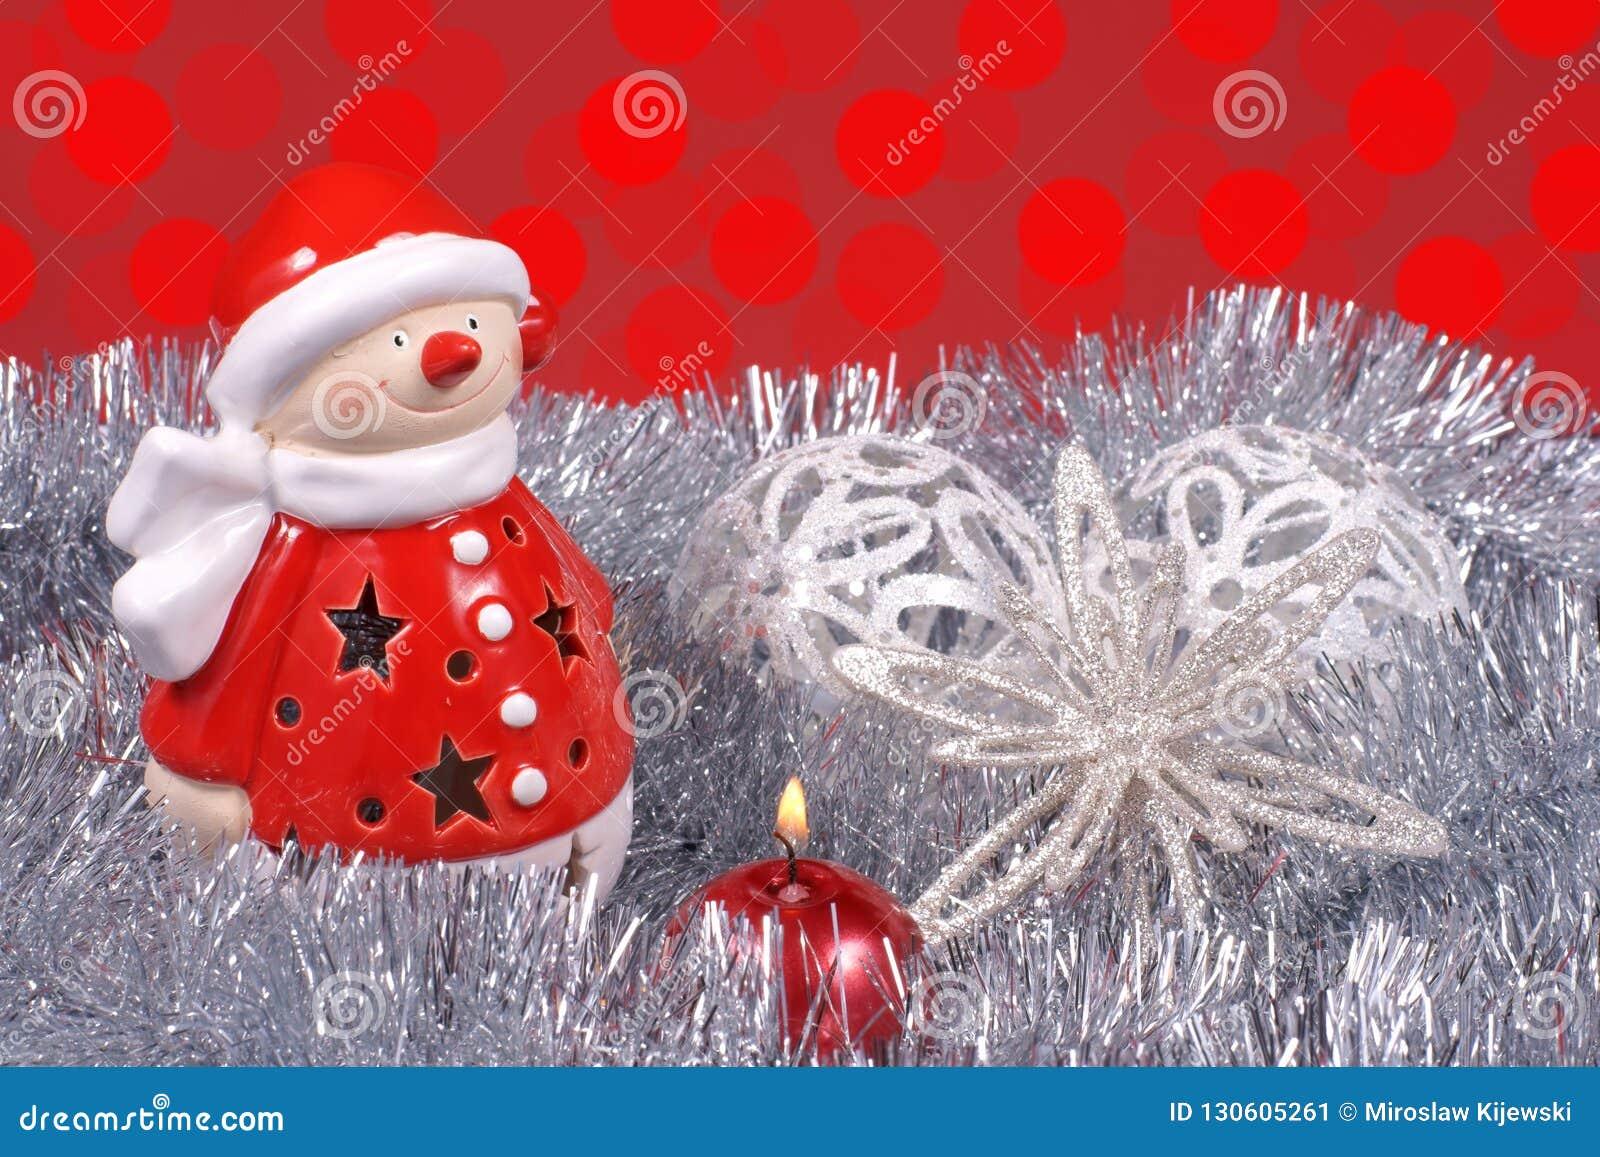 Kerstmisdecoratie, Santa Claus en kleurrijke gloed van licht